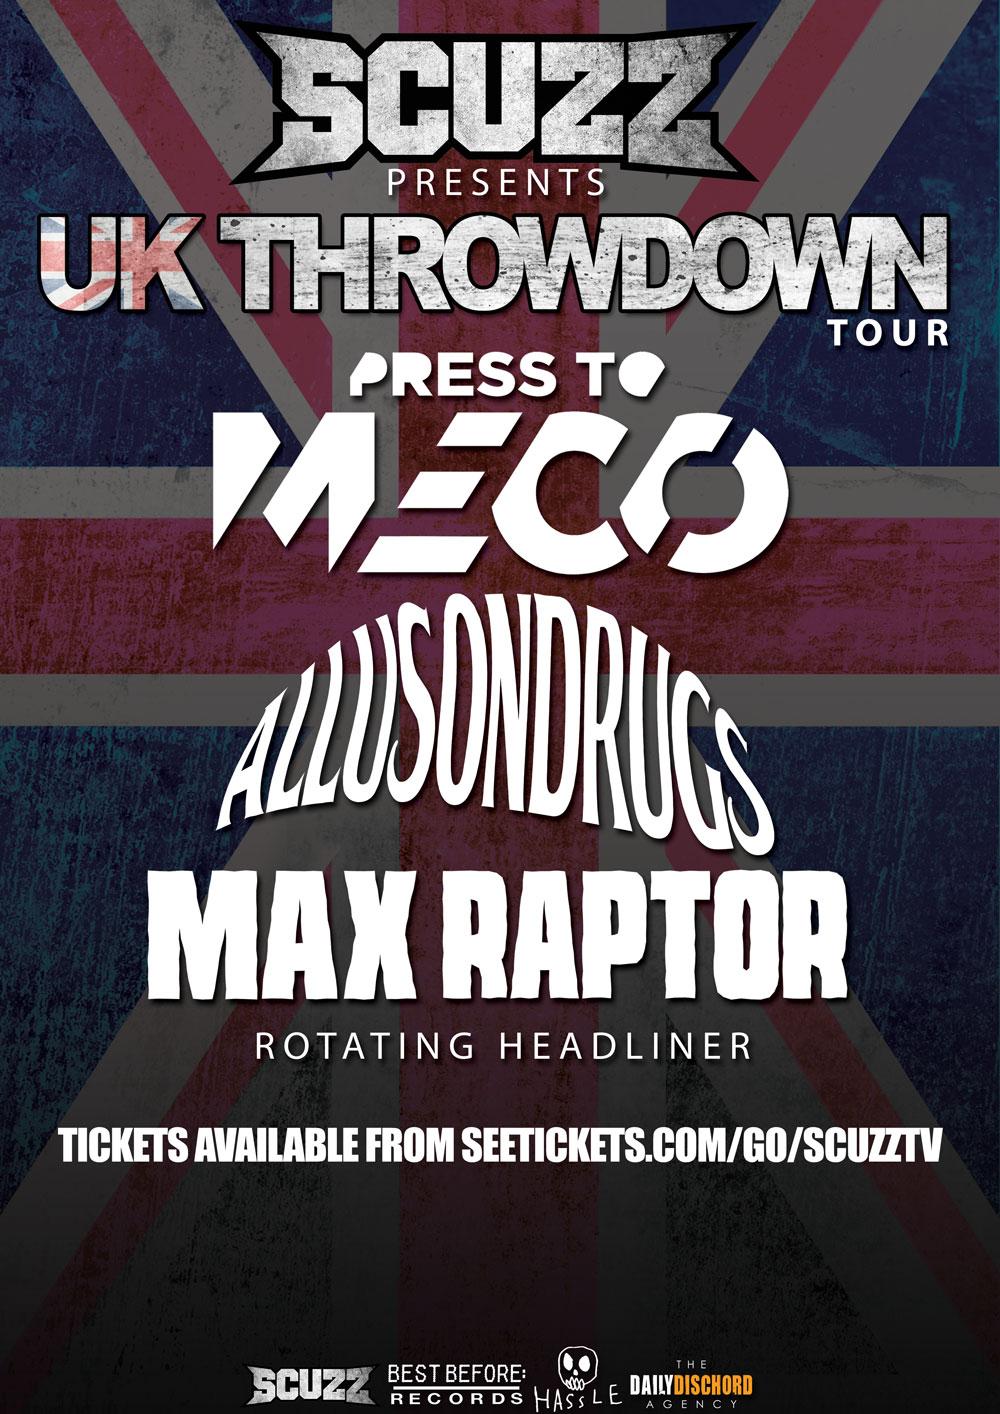 SCUZZ PRESENTS UK THROWDOWN TOUR 2016